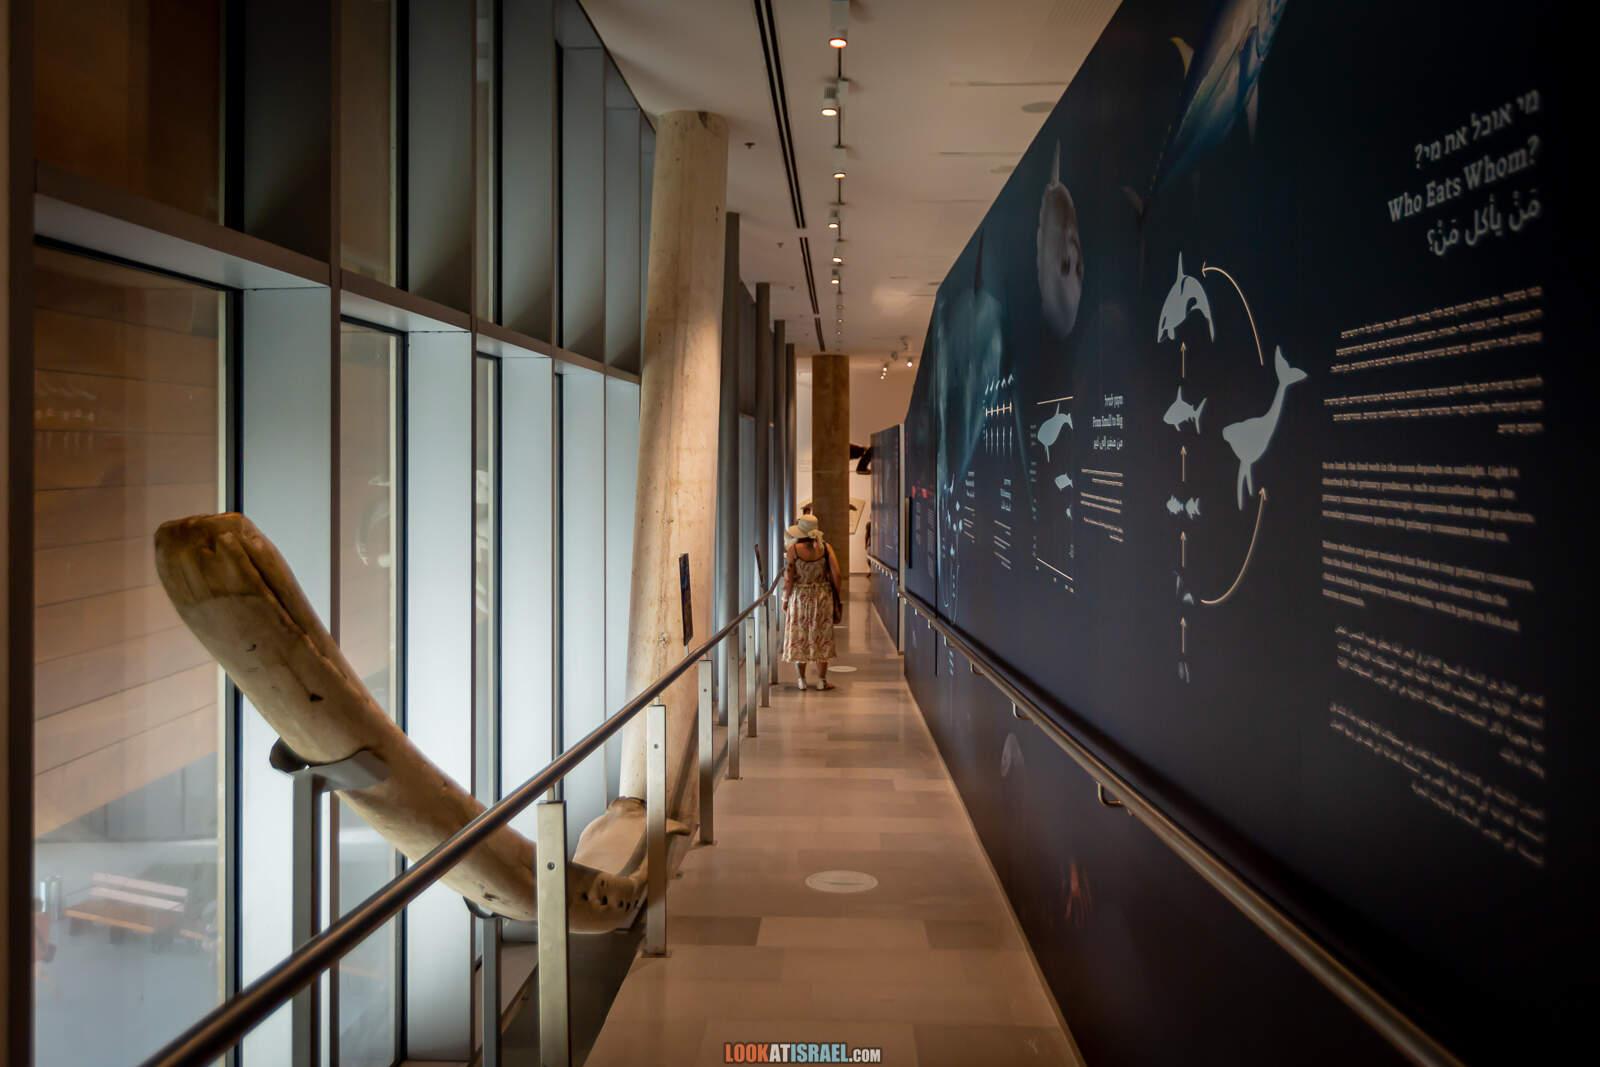 Тель Авив, музей естественной истории. Музей природы | Steinhardt museum of natural history in Tel Aviv | מוזאון הטבע בתל אביב | LookAtIsrael.com - Фото путешествия по Израилю